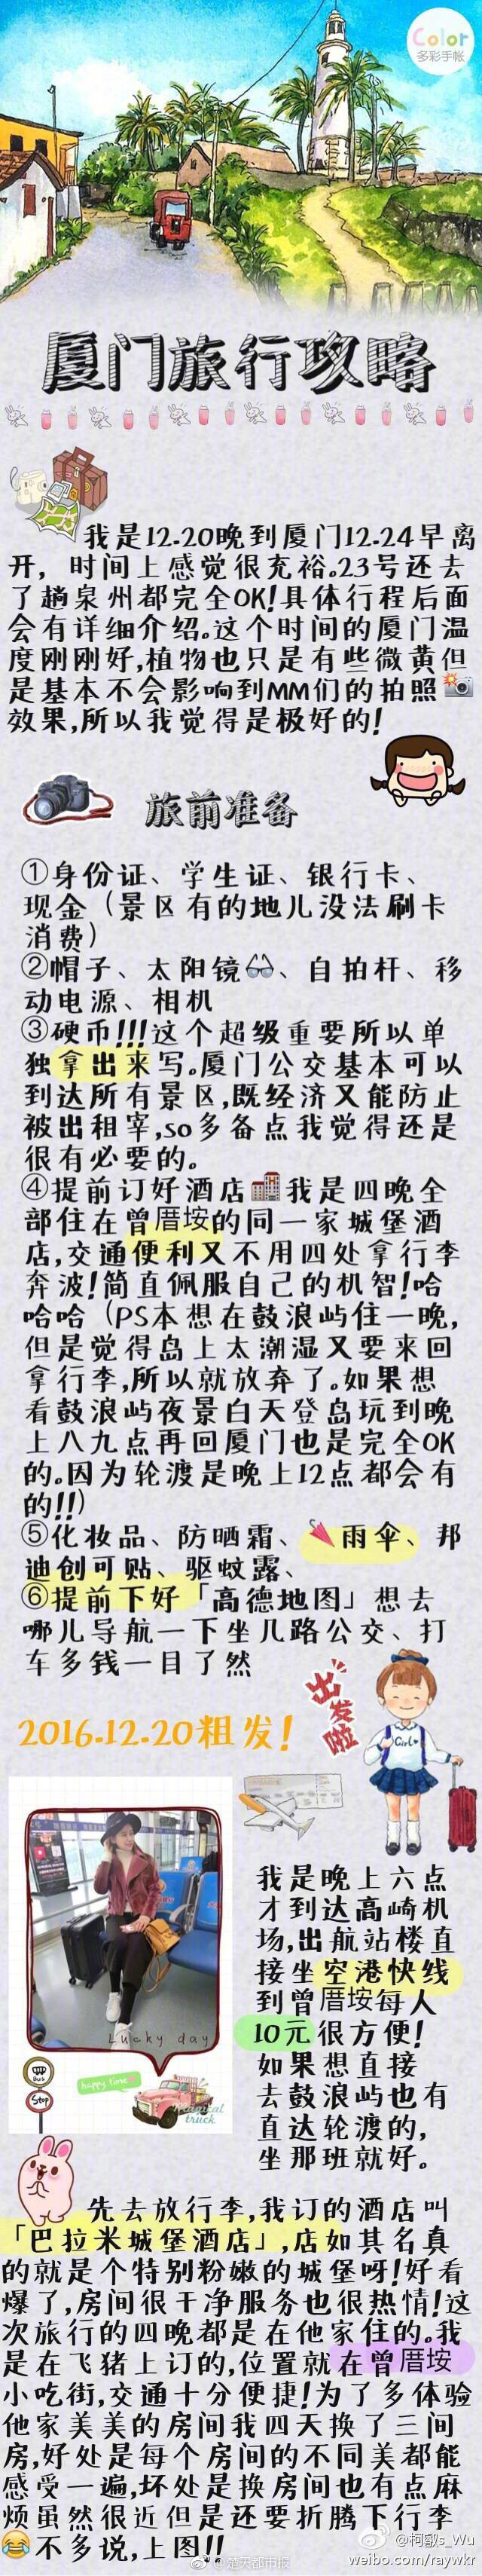 【玛雅吧娱乐场积分】沪指窄幅震荡涨0.52% 创指4月下跌4.12%